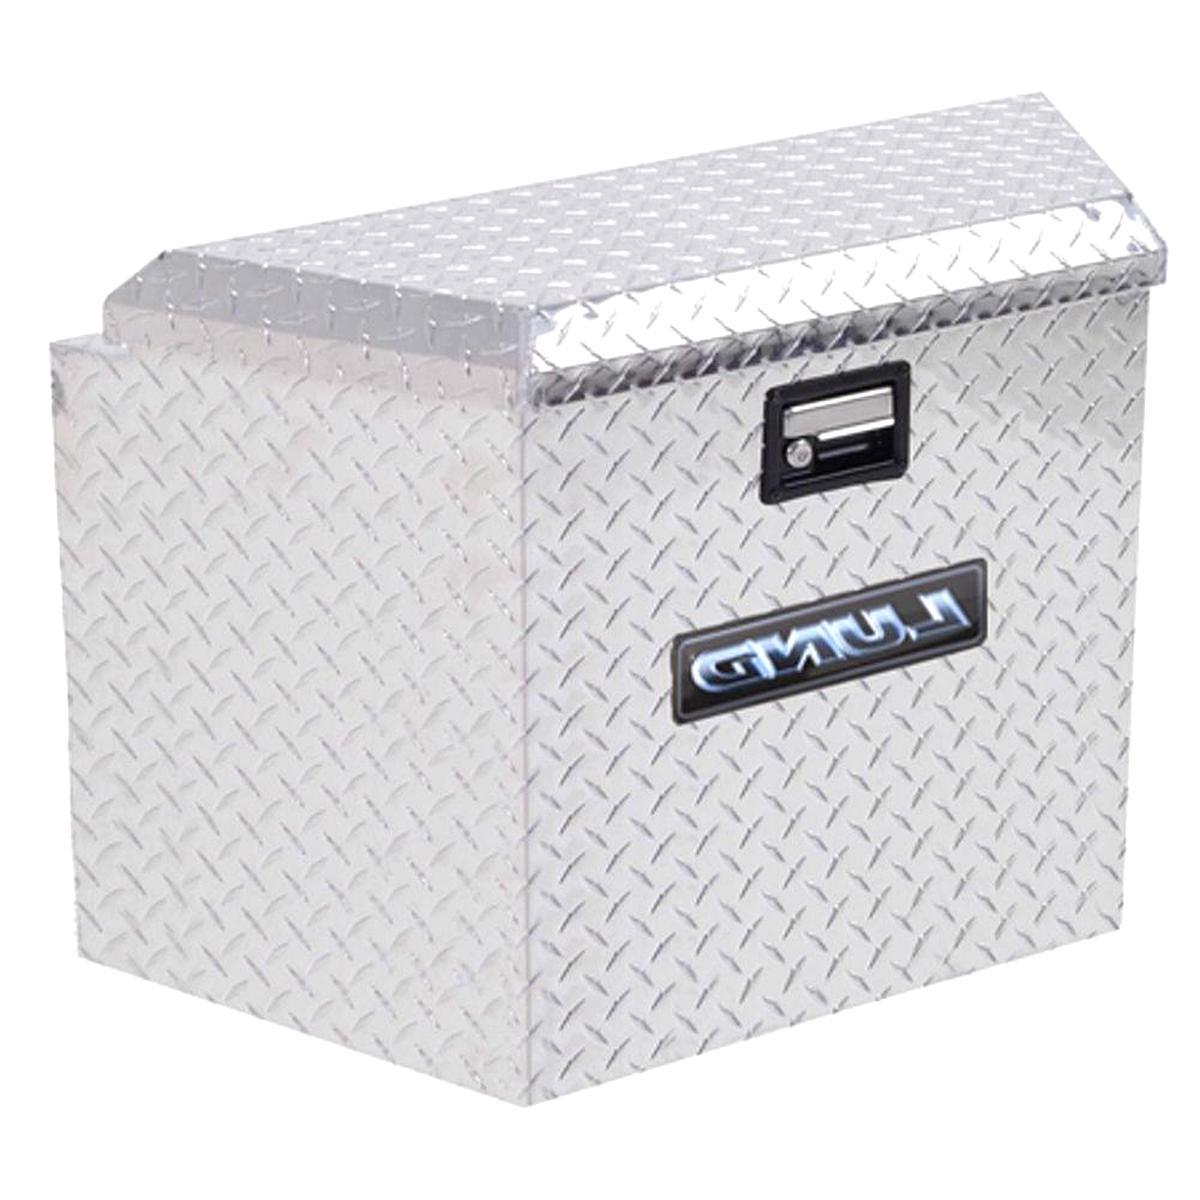 Lund 6120 Trailer Tongue Storage Box